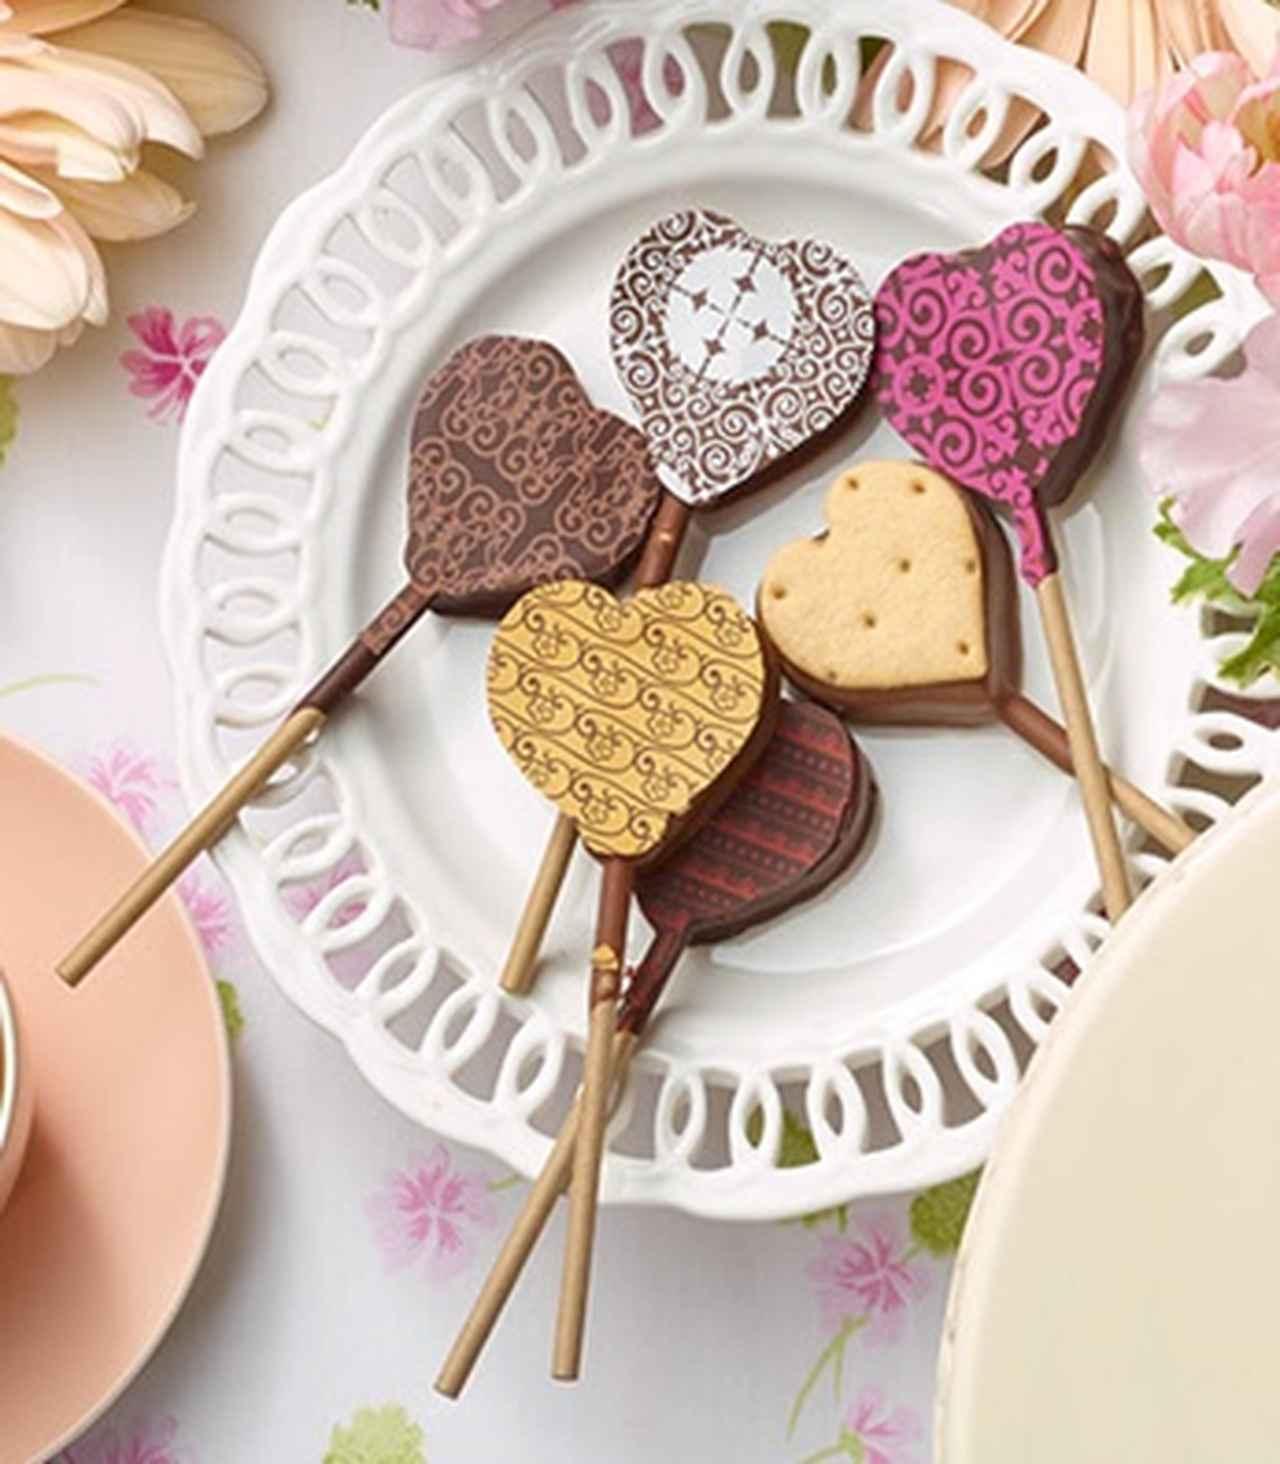 画像: ■クラブハリエ/シュセットショコラ〔6個入〕 2,592円 キャンディー型のハートのチョコレートは、6種類の味が楽しめます。